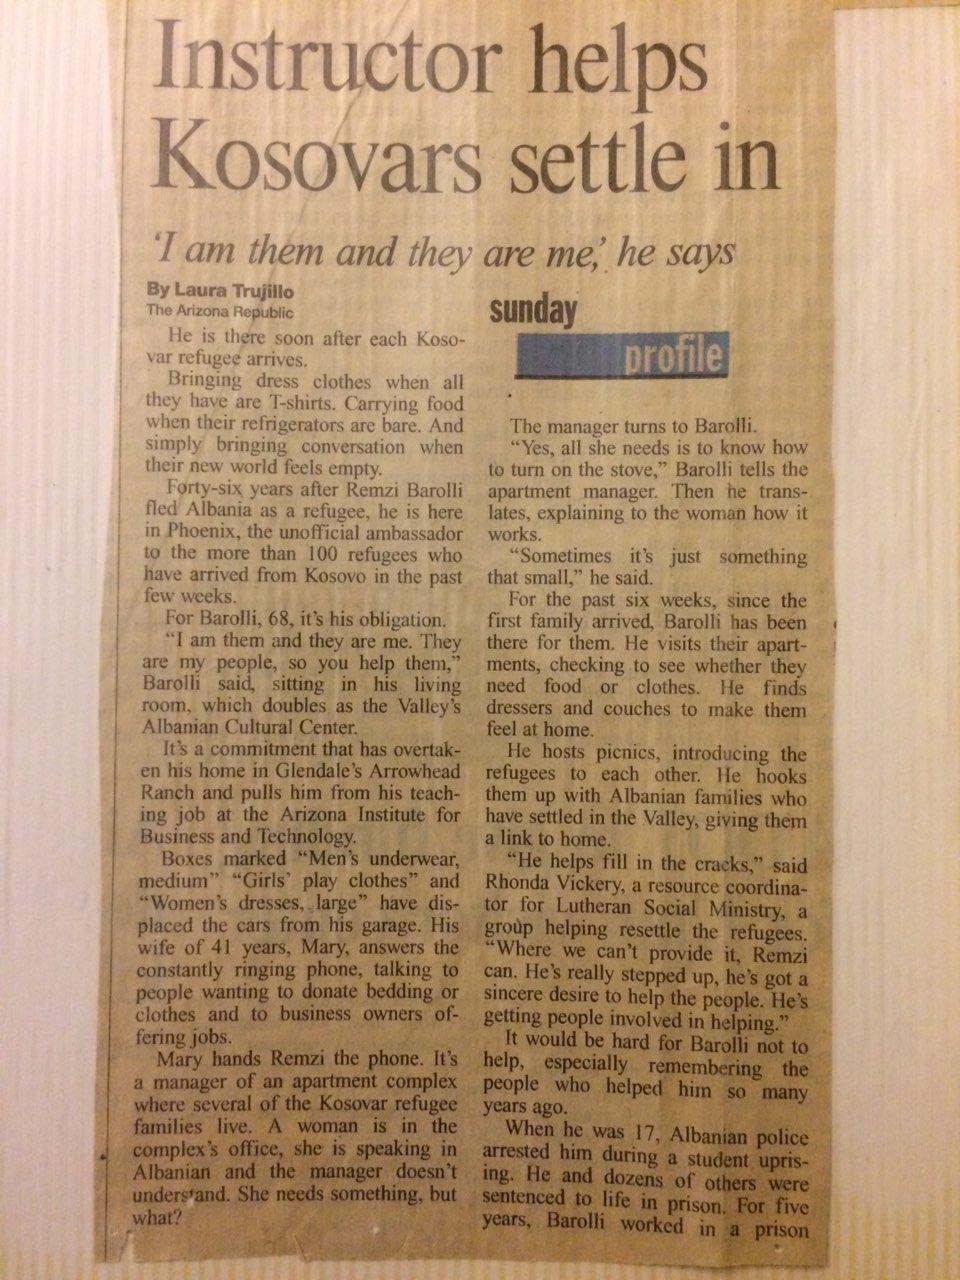 """Pjesë e artikullit të gazetares Laura Truhillo për veprimtarin e palodhshëm R. Barolli, publikuar në të përditshmen """"The Arizona Republic"""" më 27.6.1999"""